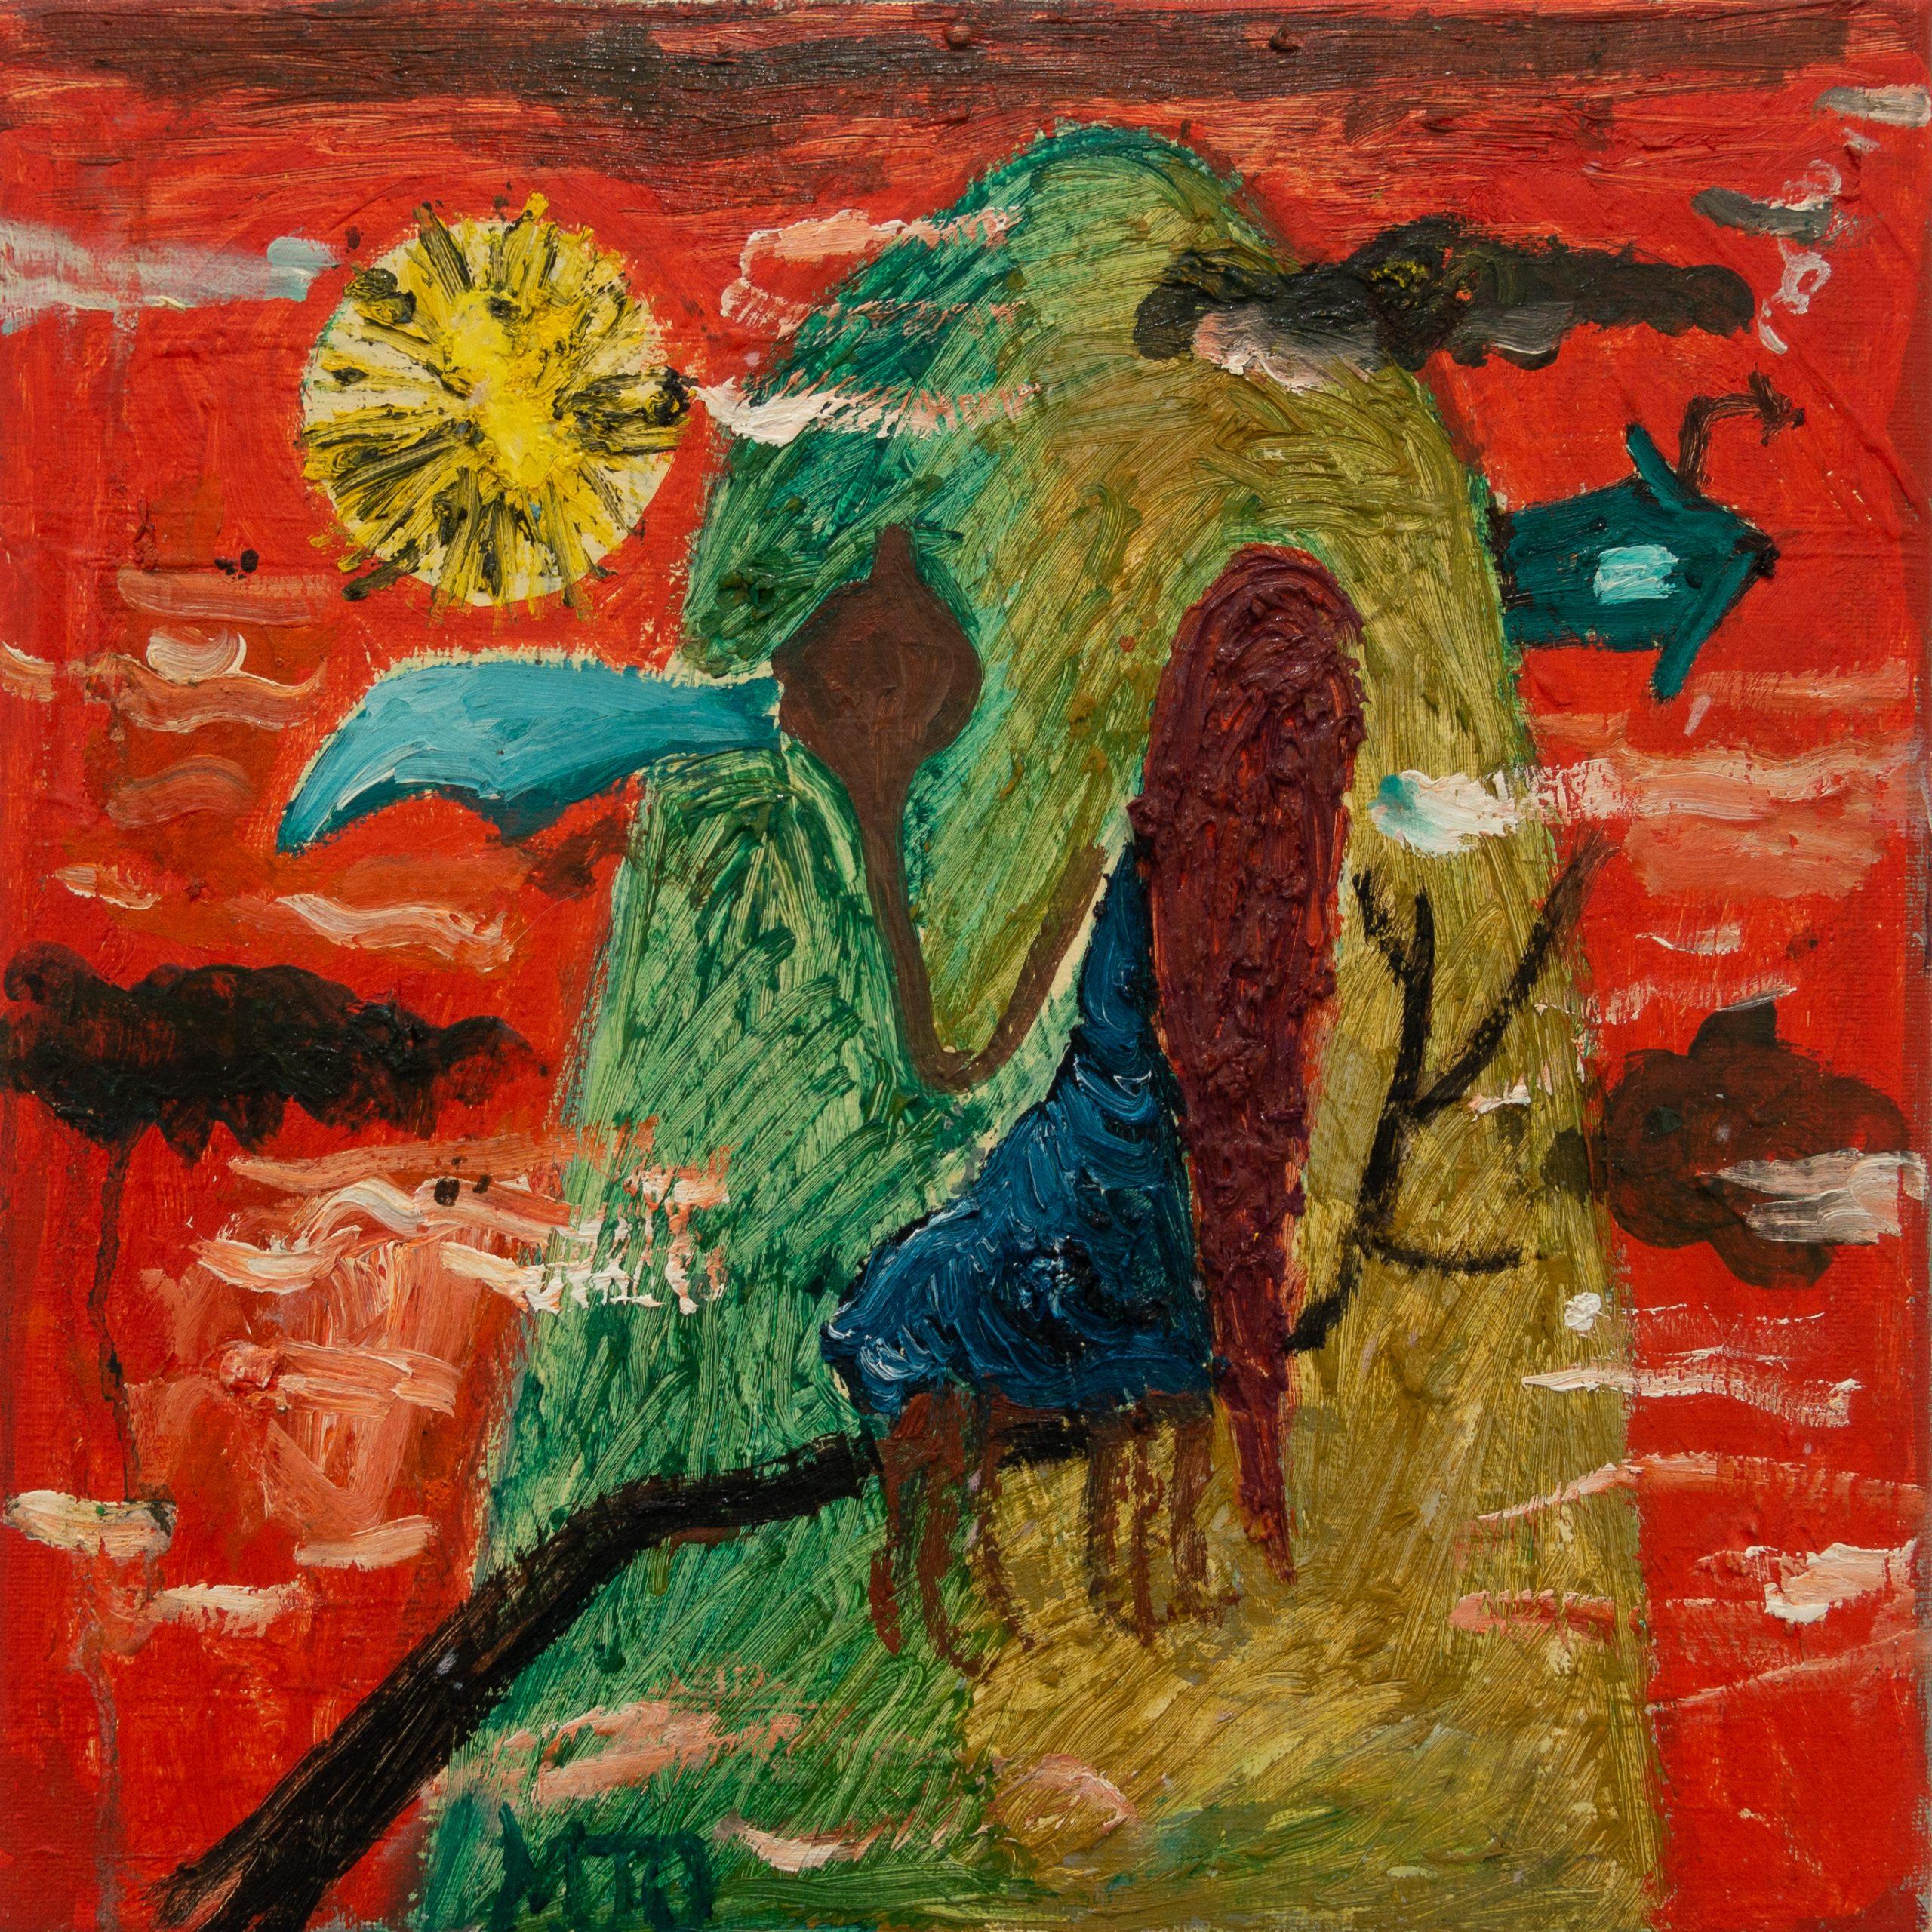 Bird of Bataan 3